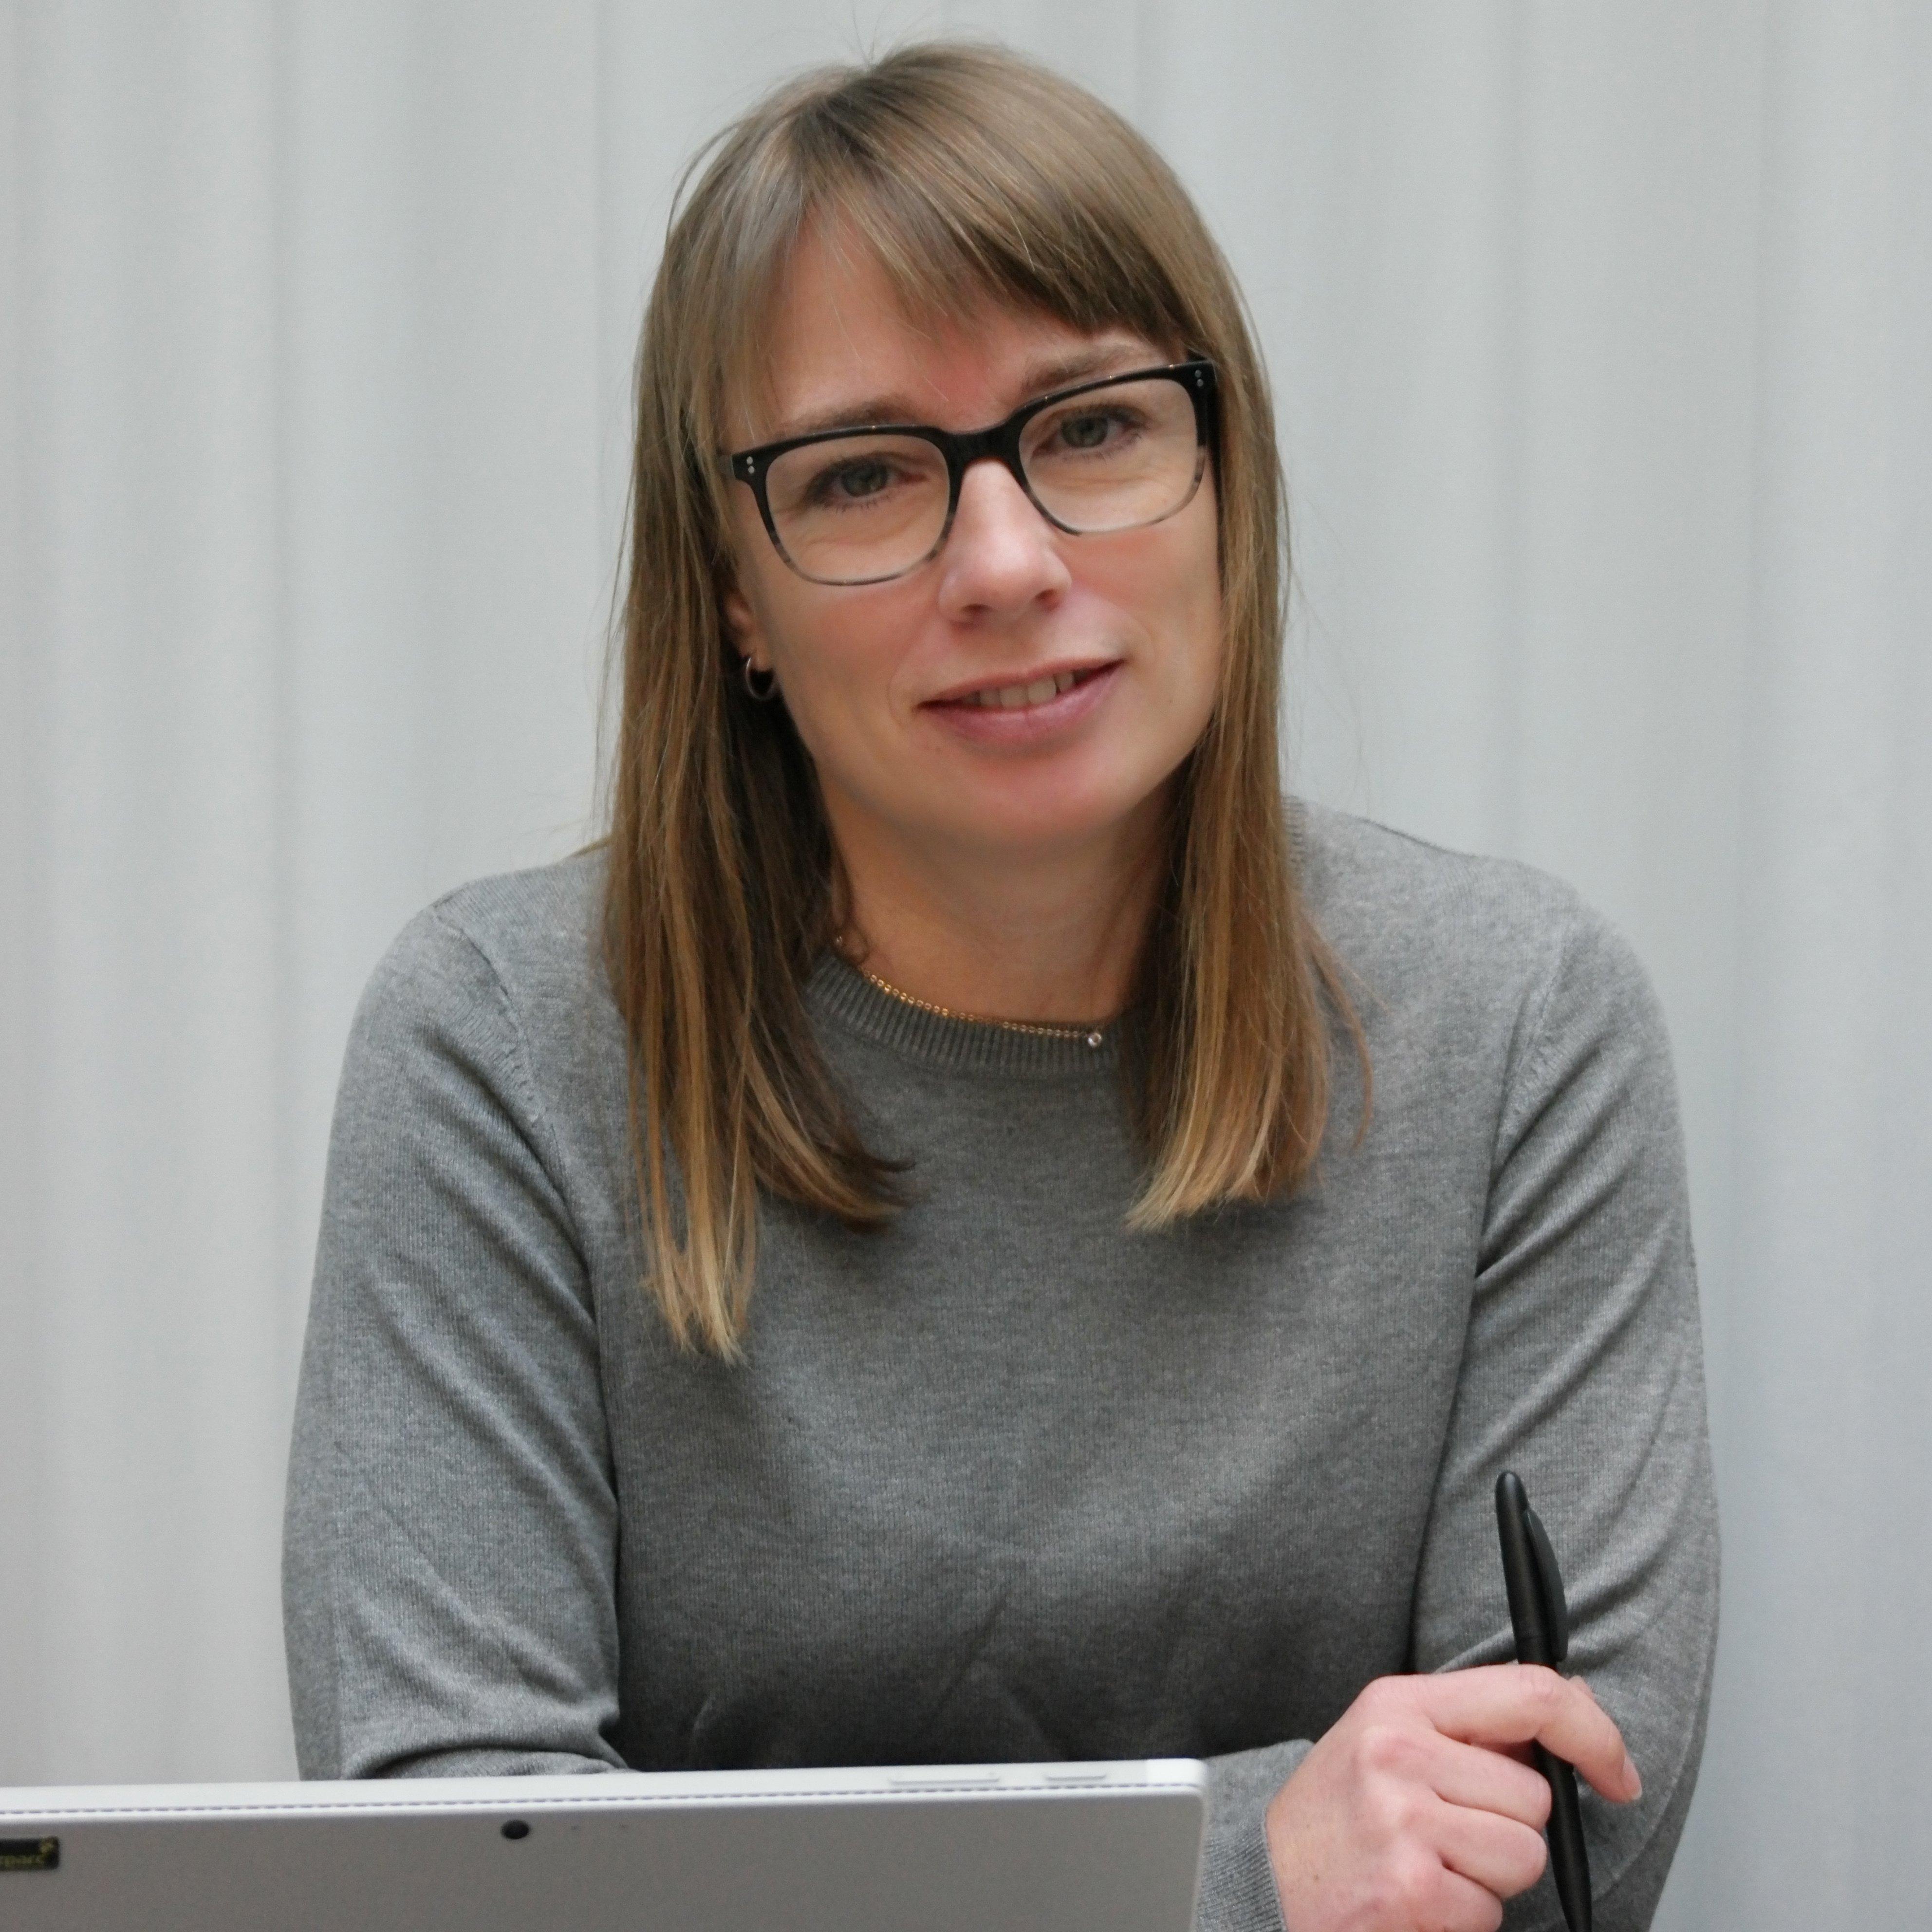 Anna Nabb